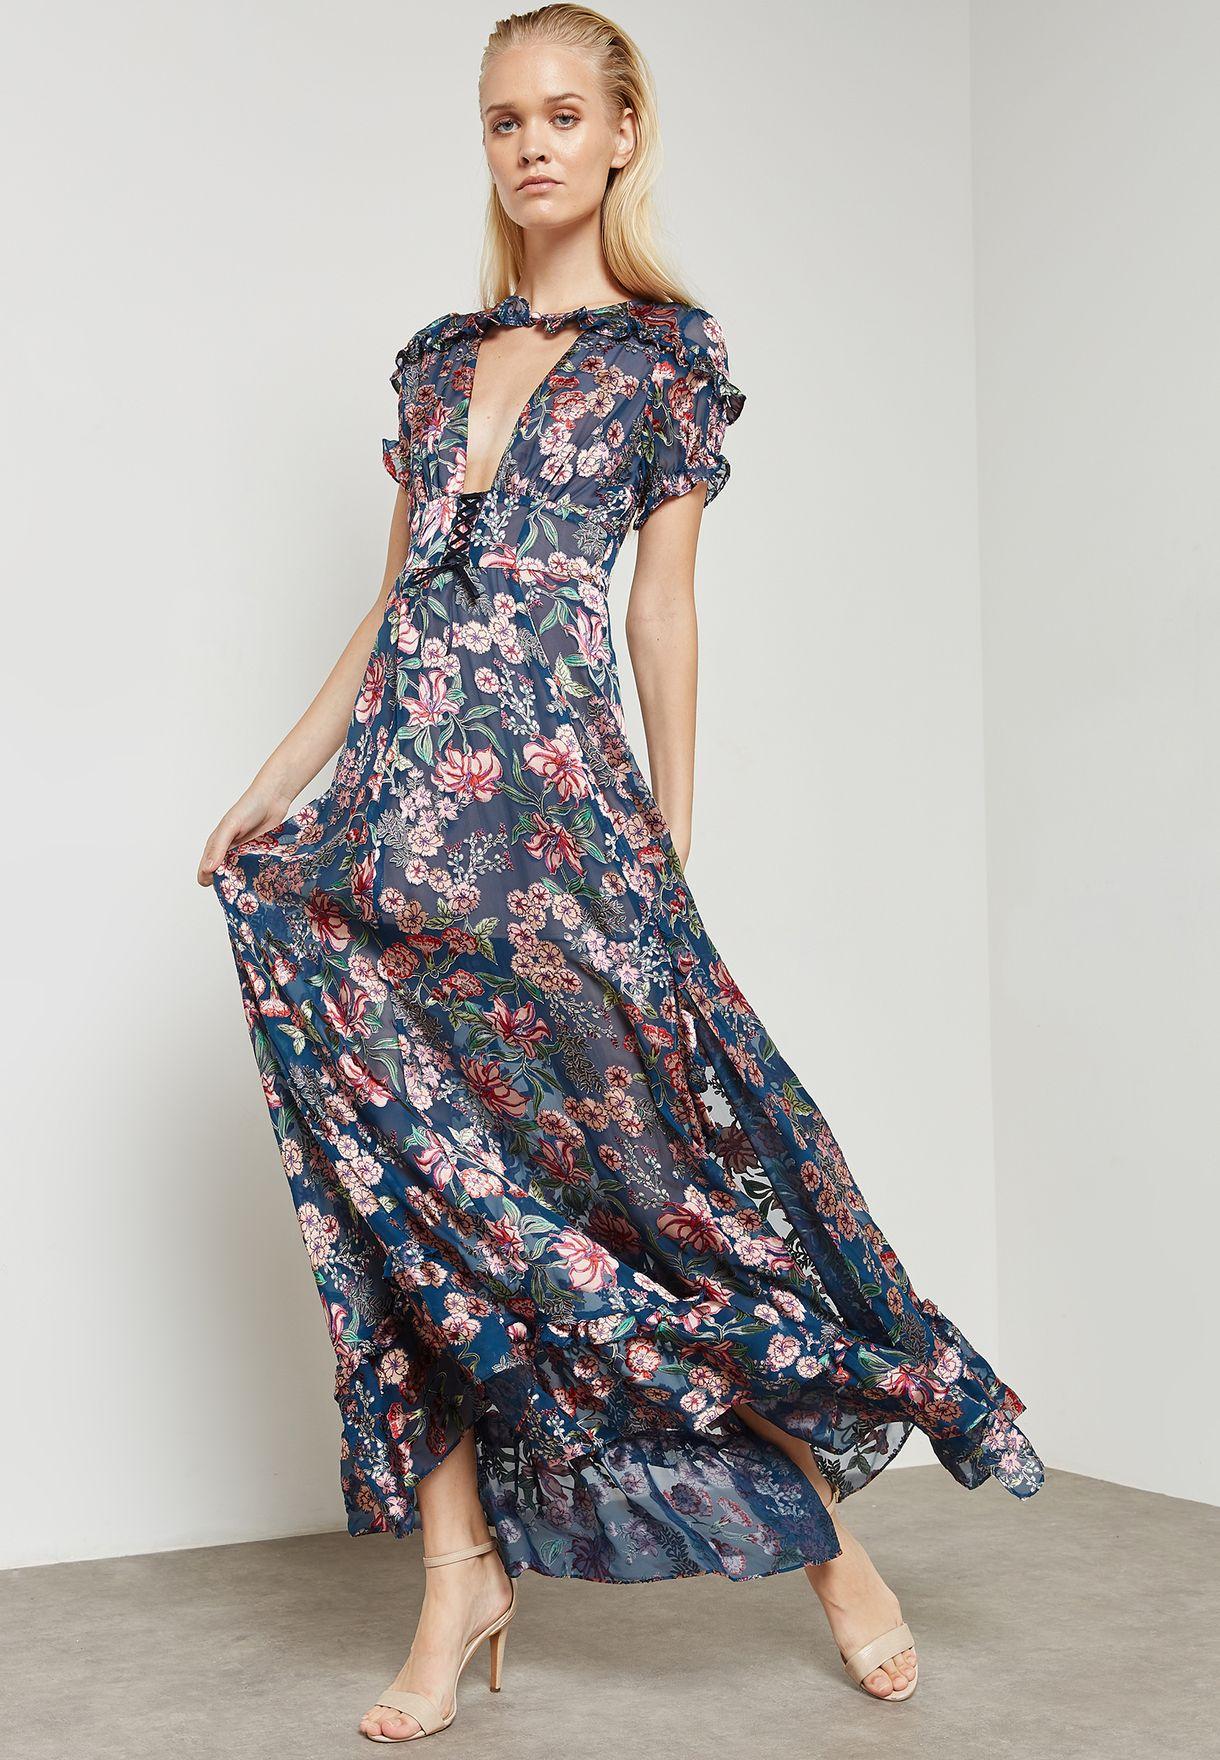 ea3dca992a Shop For Love   Lemons prints Side Split Floral Print Maxi Dress ...